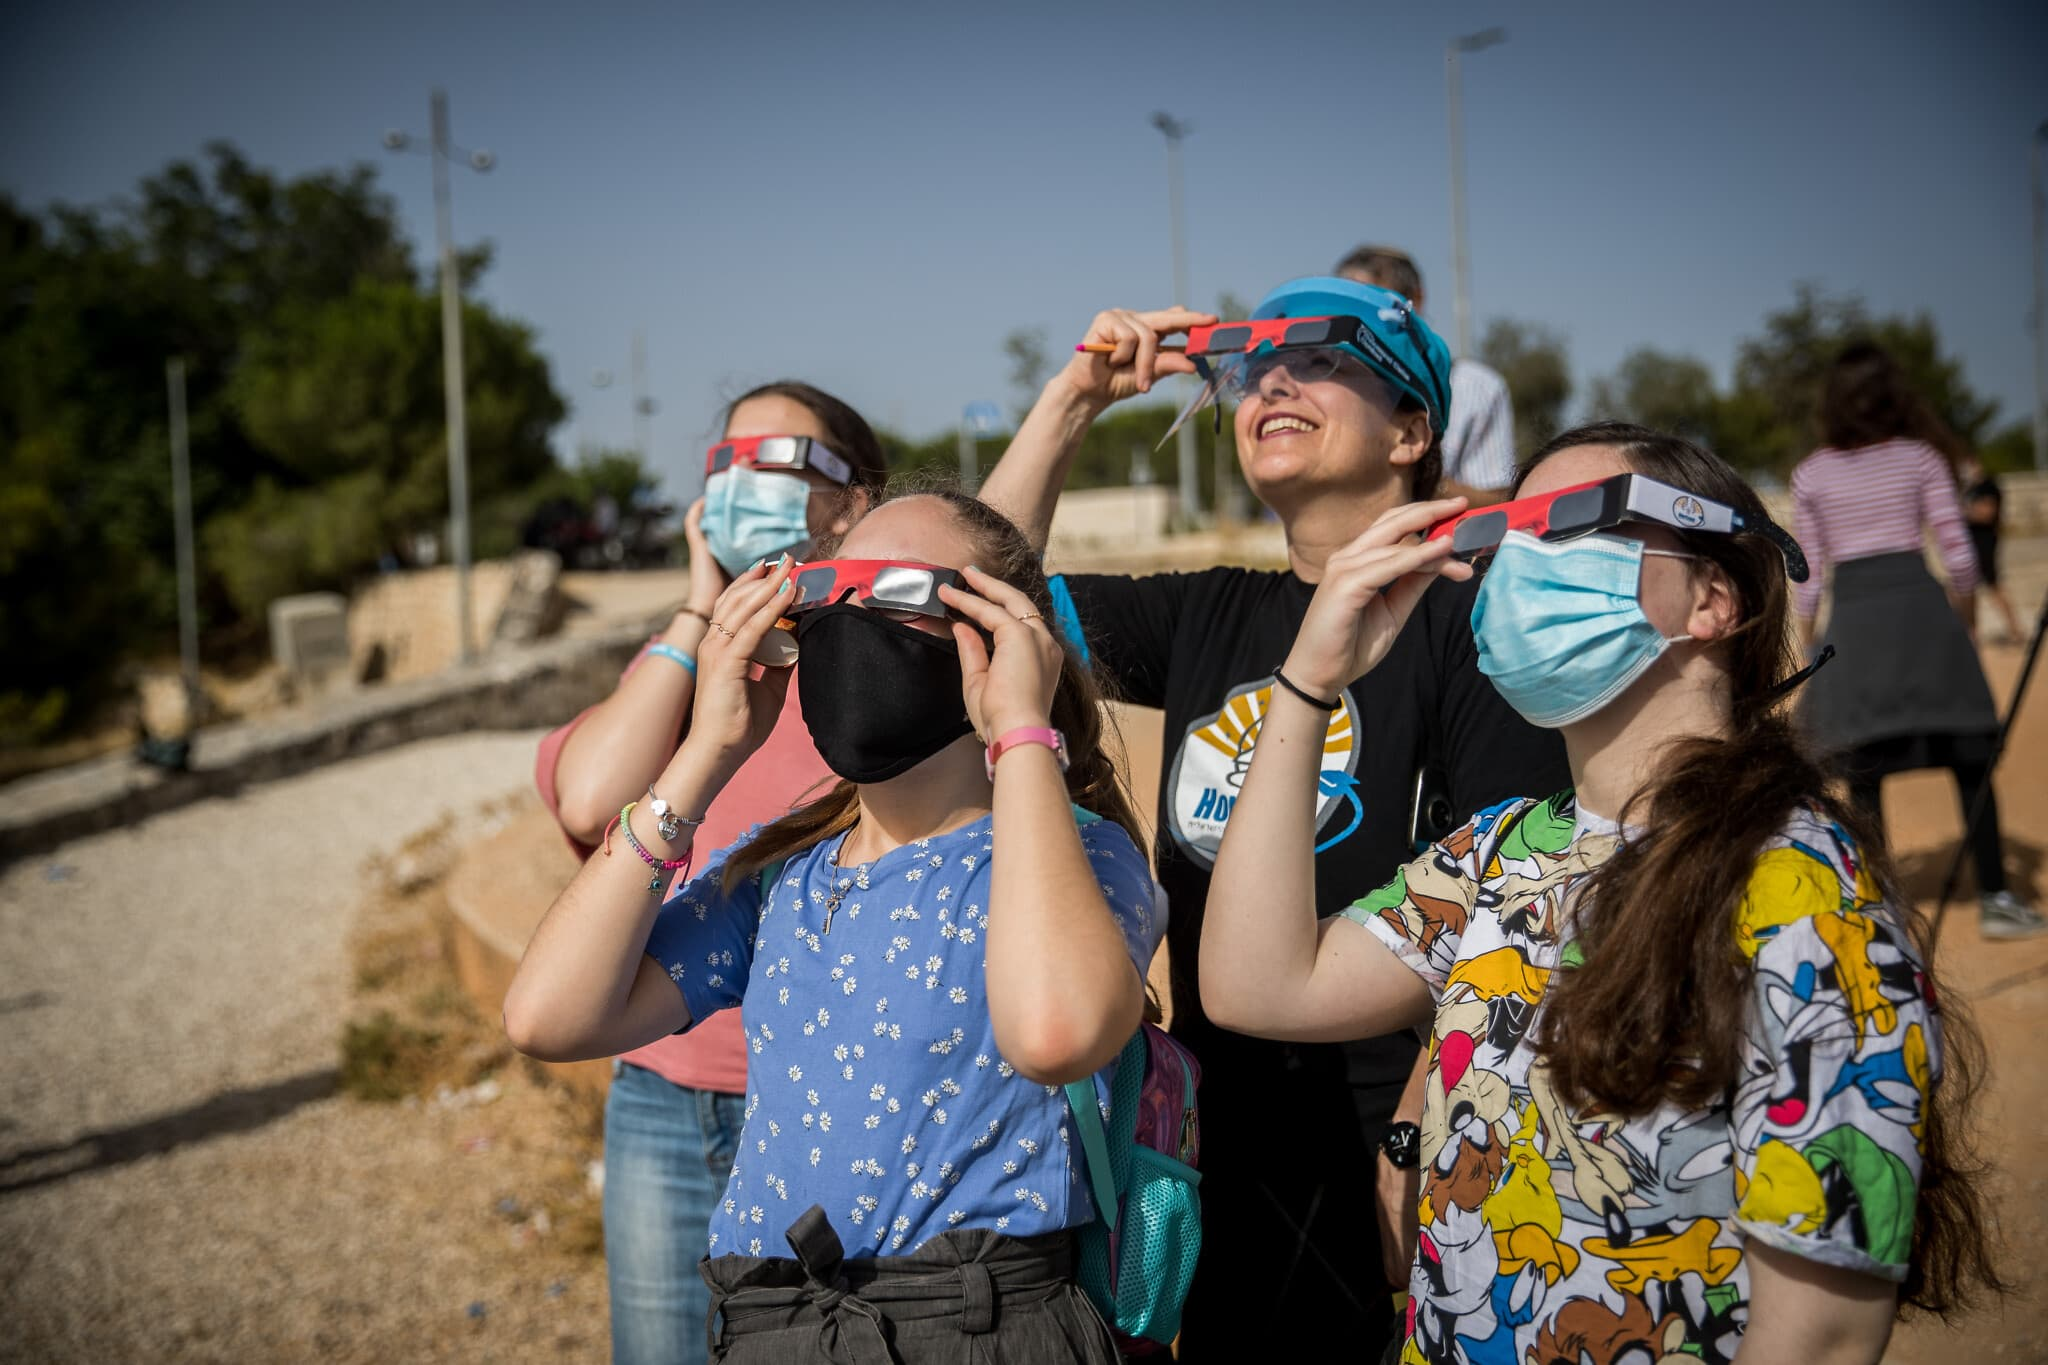 צפייה בליקוי חמה חלקי מעל ירושלים, יוני 2020 (צילום: Yonatan Sindel/Flash90)